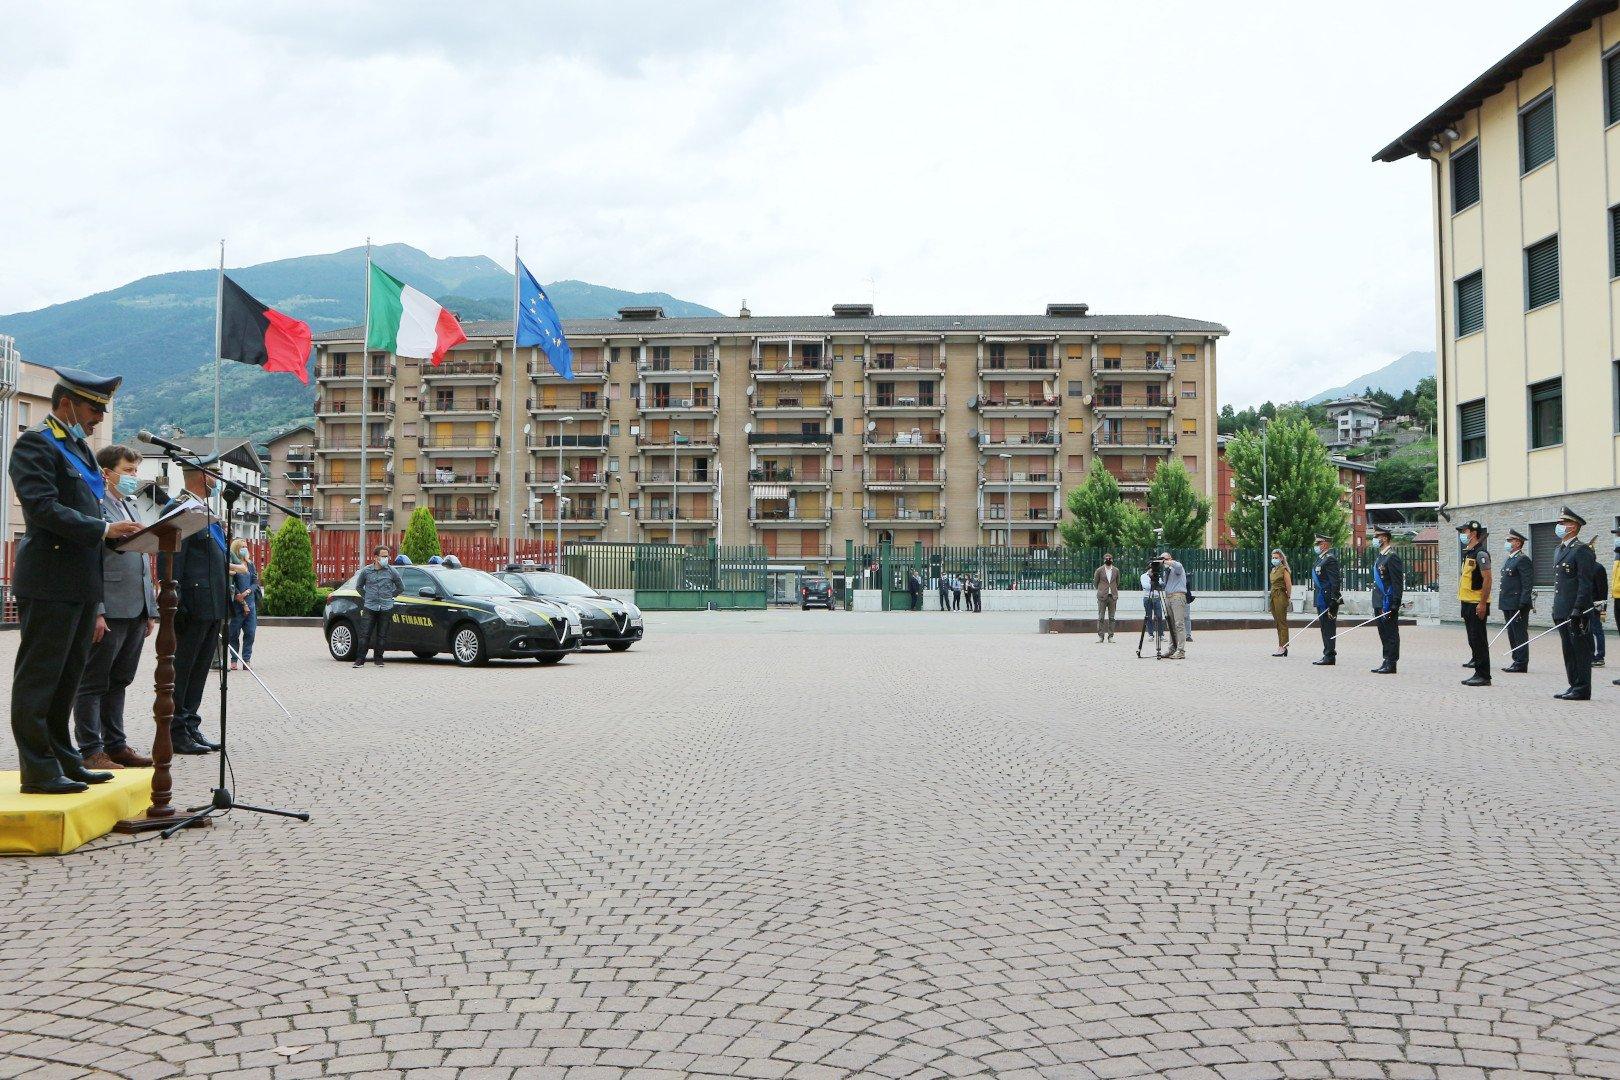 Il piazzale della caserma 'Luboz' di Aosta durante le celebrazioni del 247° anniversario della Guardia di Finanza